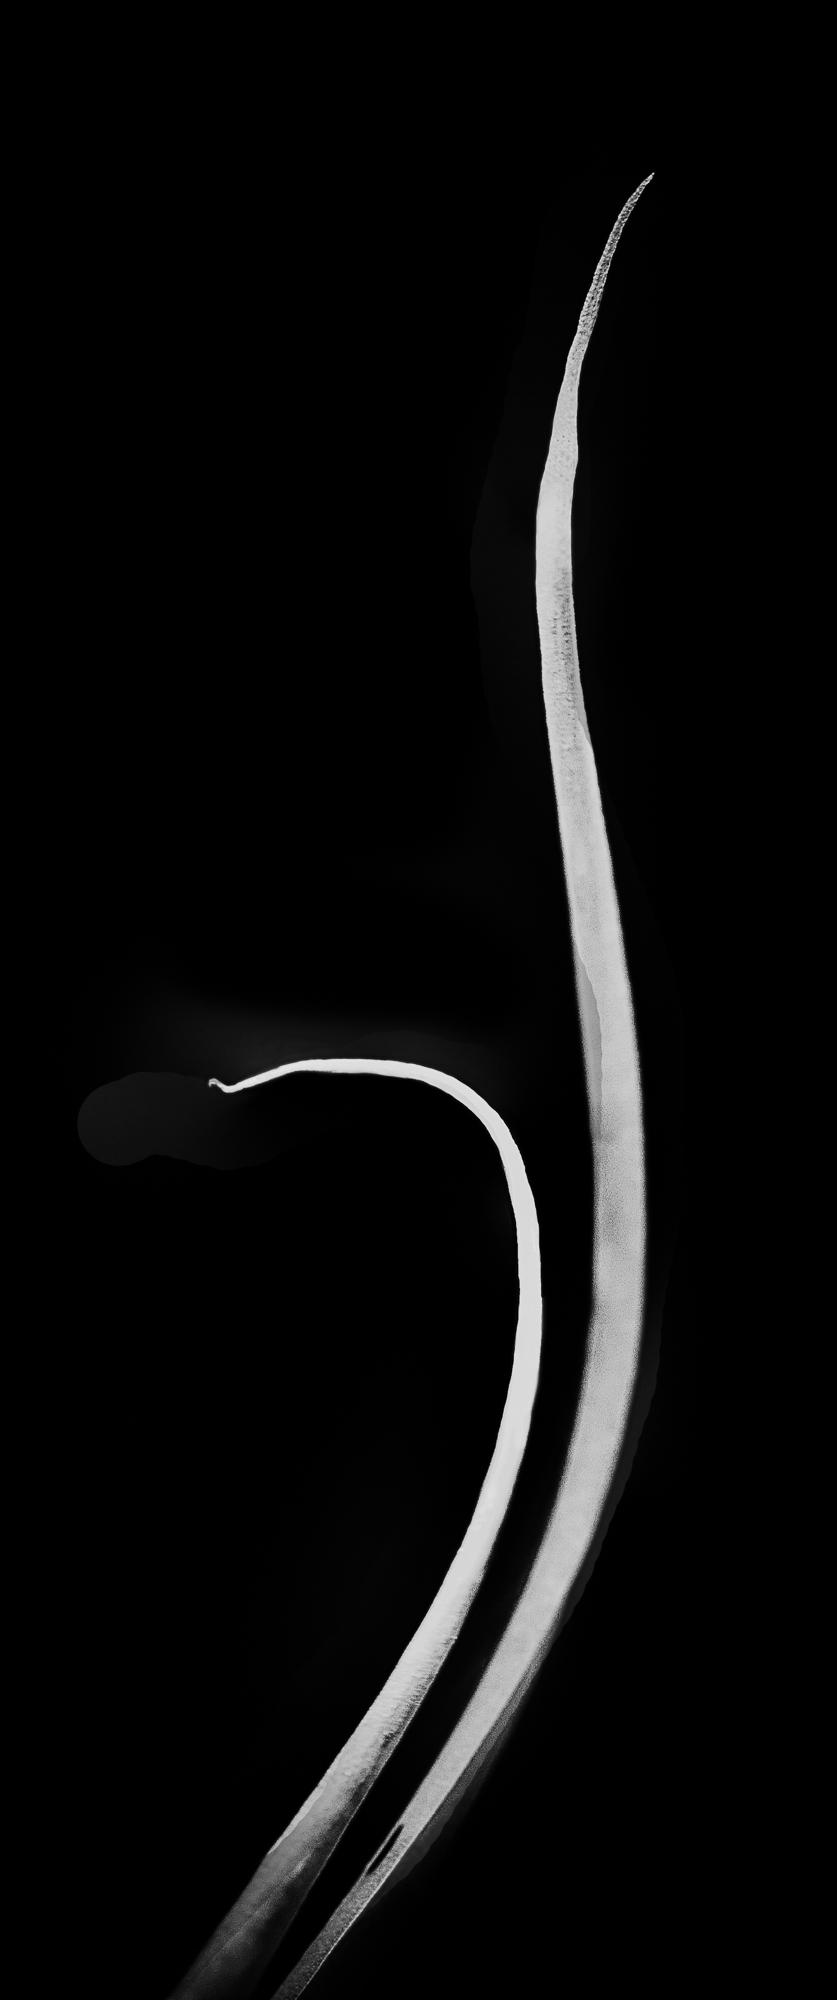 orchid-abstract-47-edit-edit-0f296c3a4fc7c8eff46430b5618ca9aad3527822